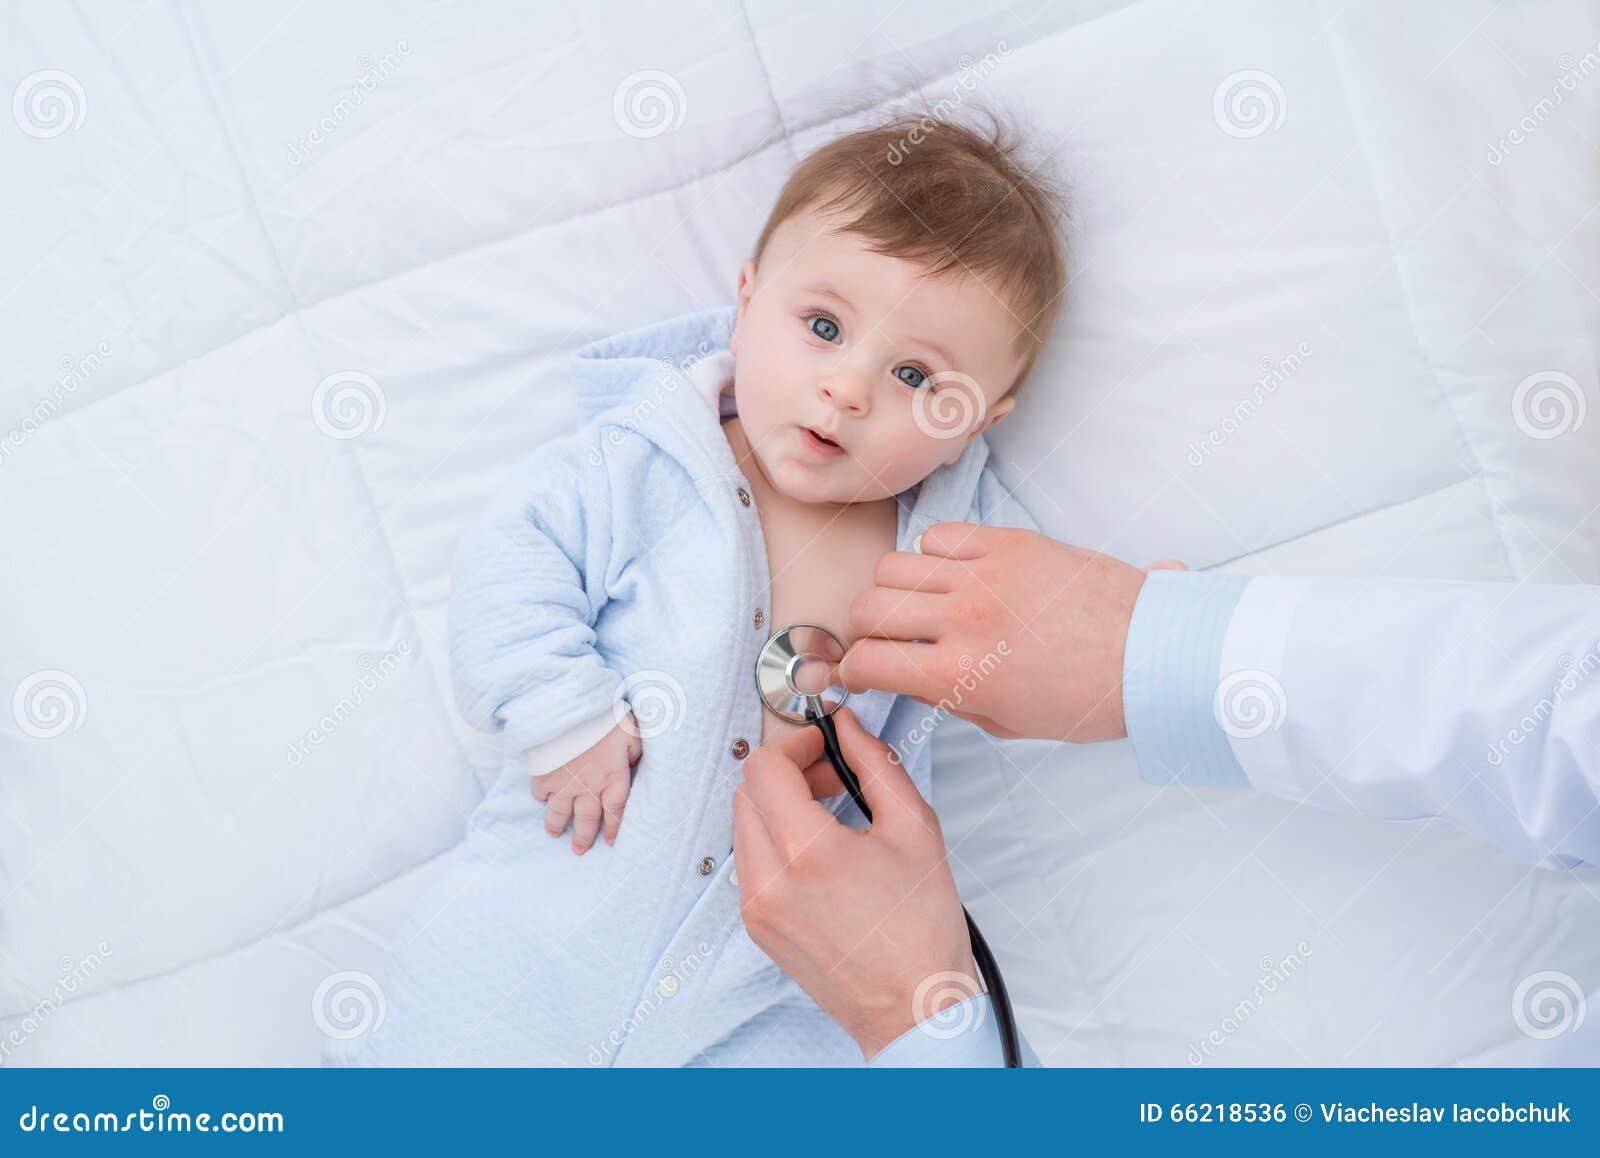 Professionele pediater die zuigeling onderzoeken